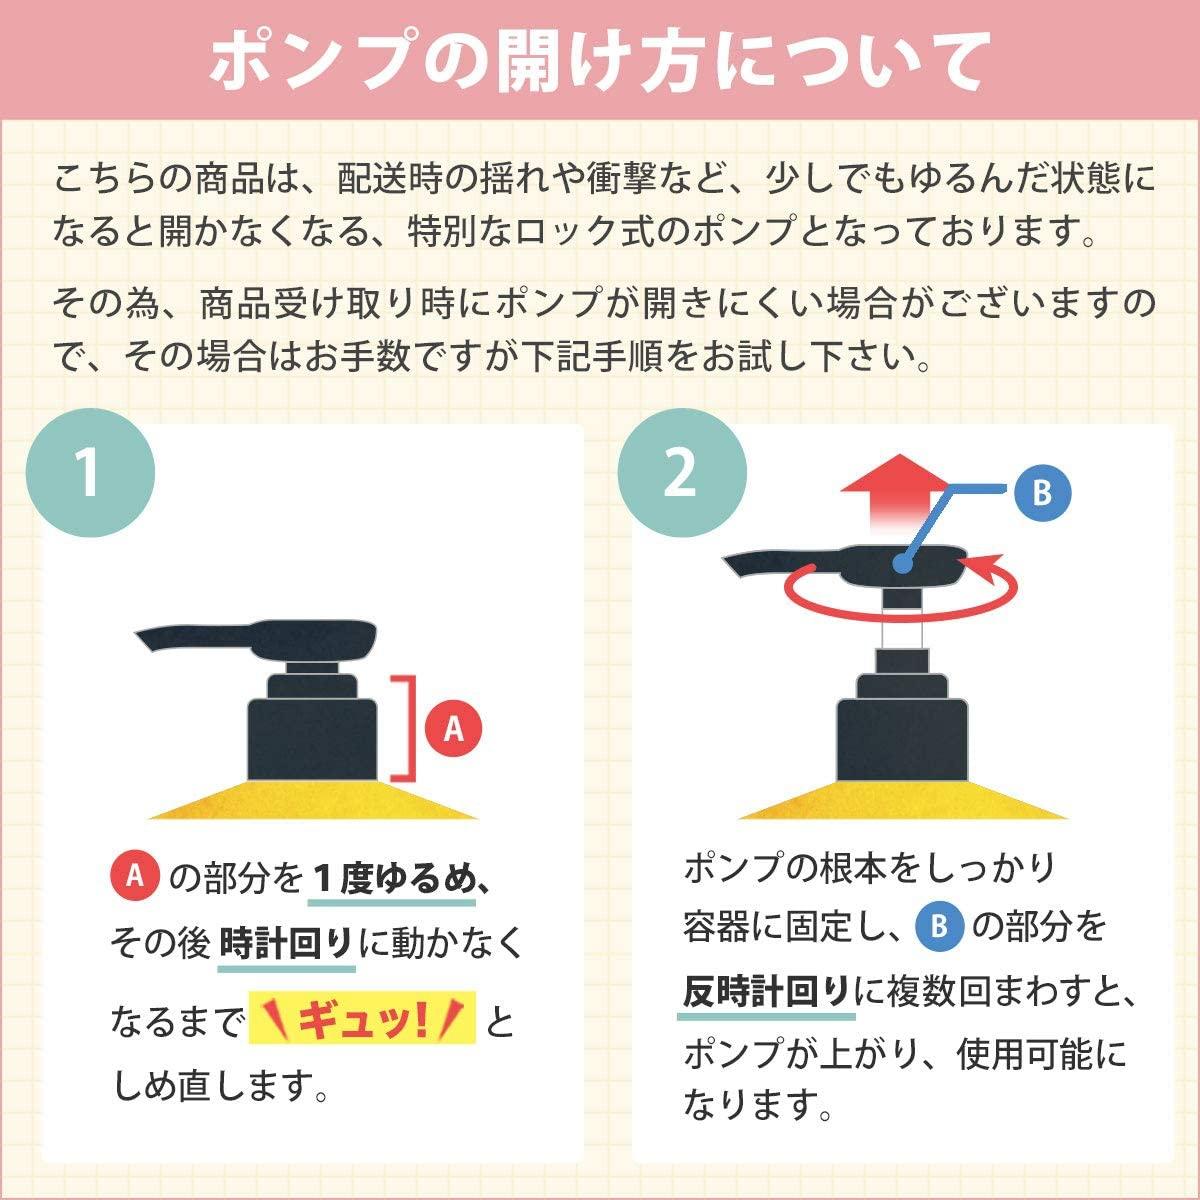 マカダミ屋 ひまし油の商品画像3